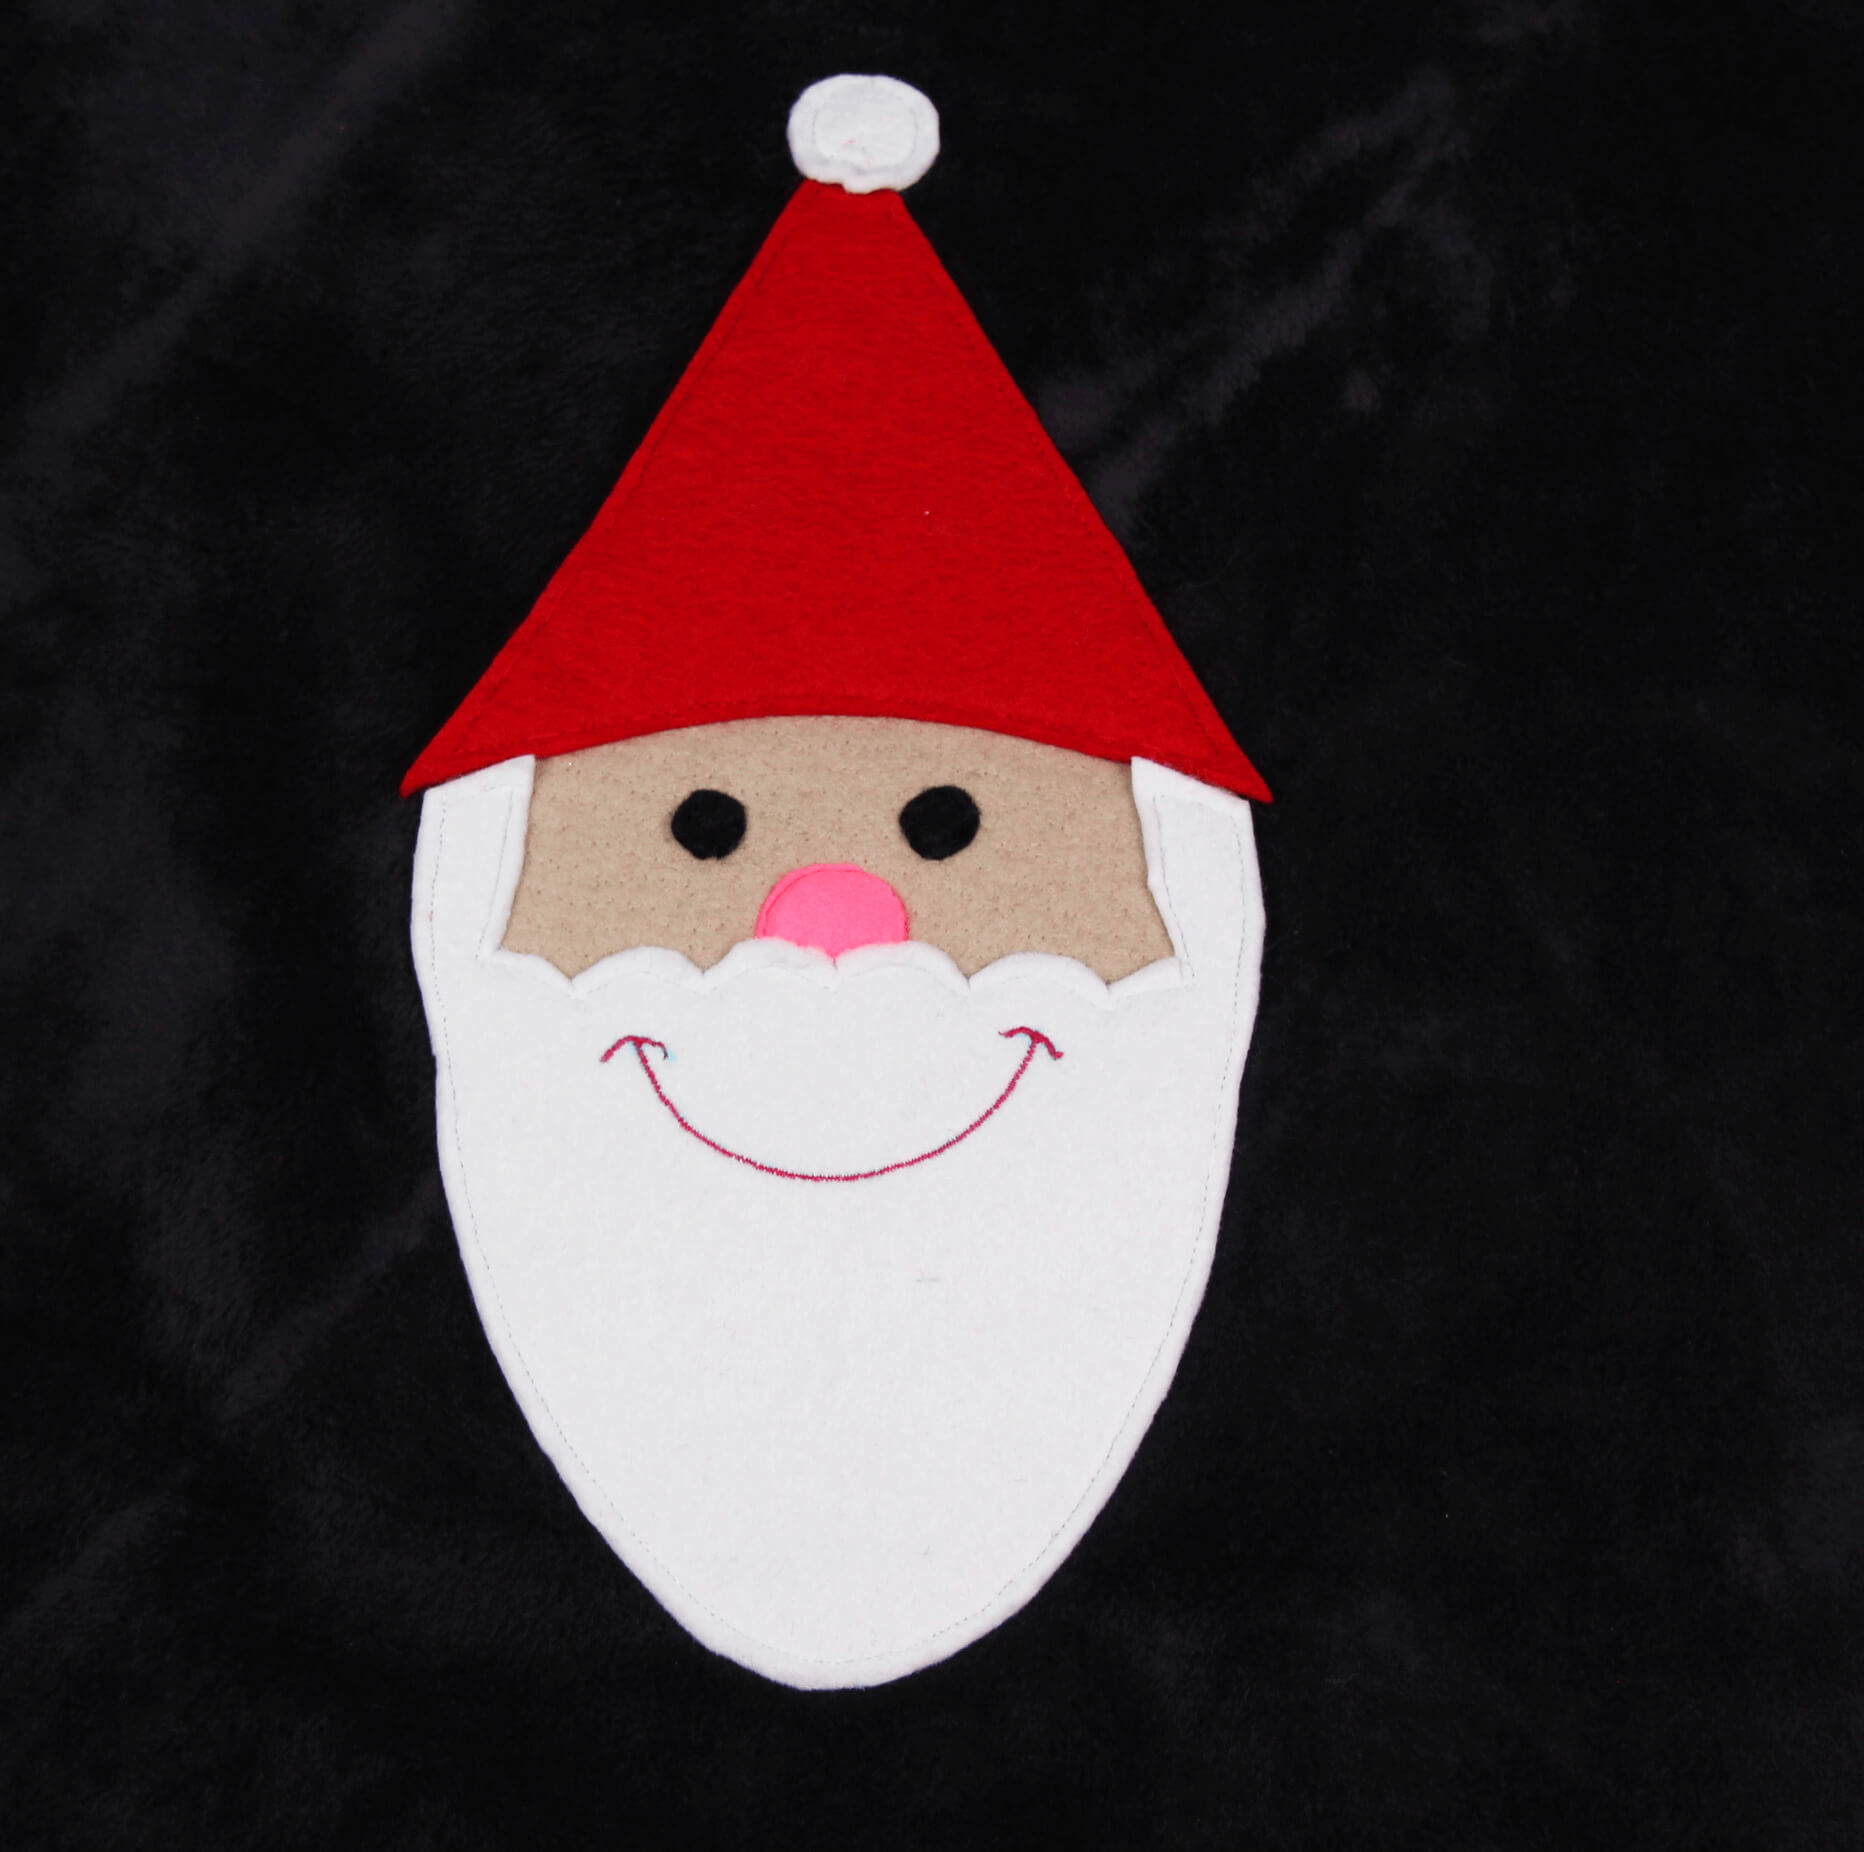 Nähen für Advent - Nikolaus applizieren 05 fertigt apliziert